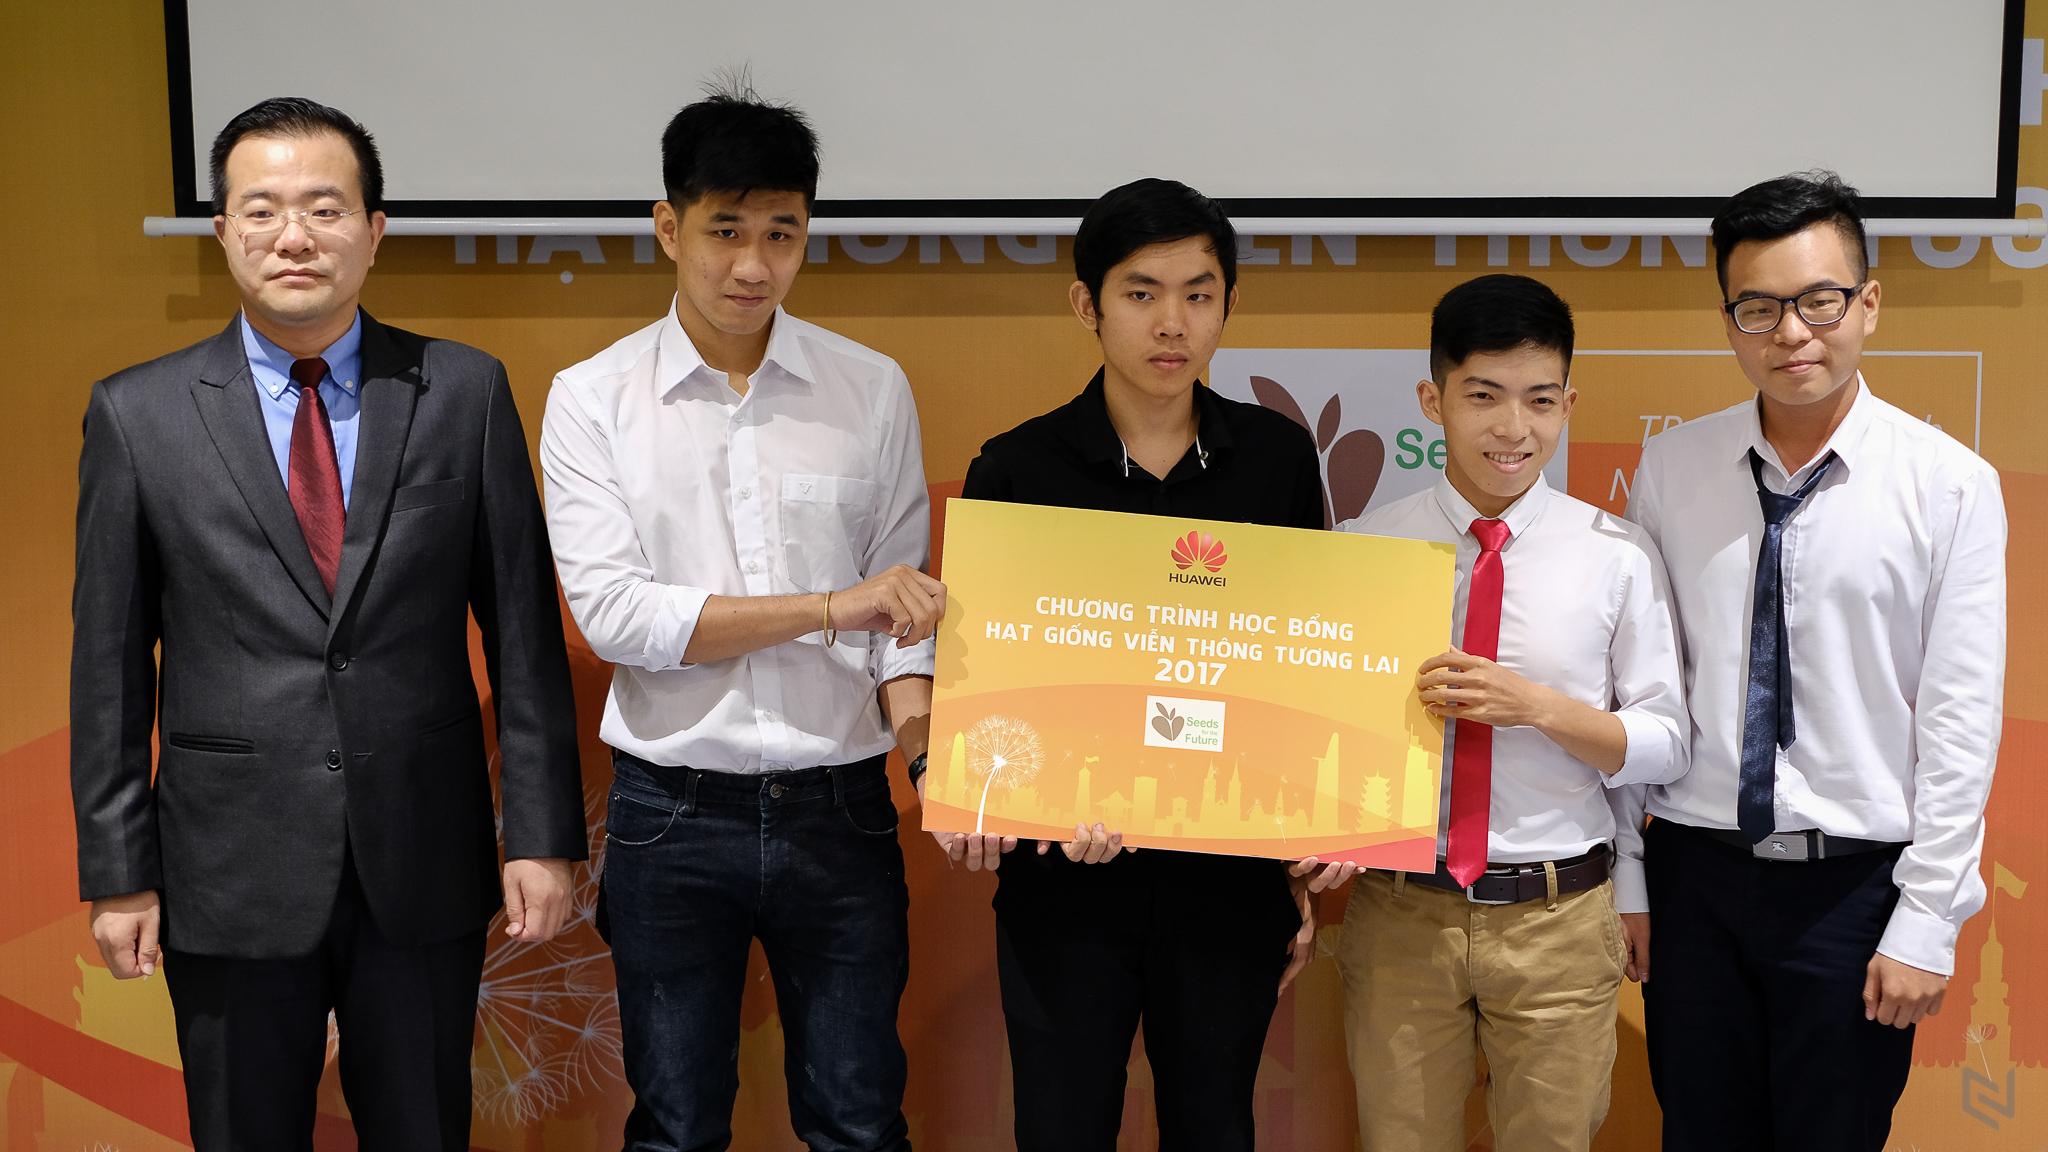 Huawei Việt Nam công bố chương trình Học bổng Hạt giống Viễn thông Tương lai 2017